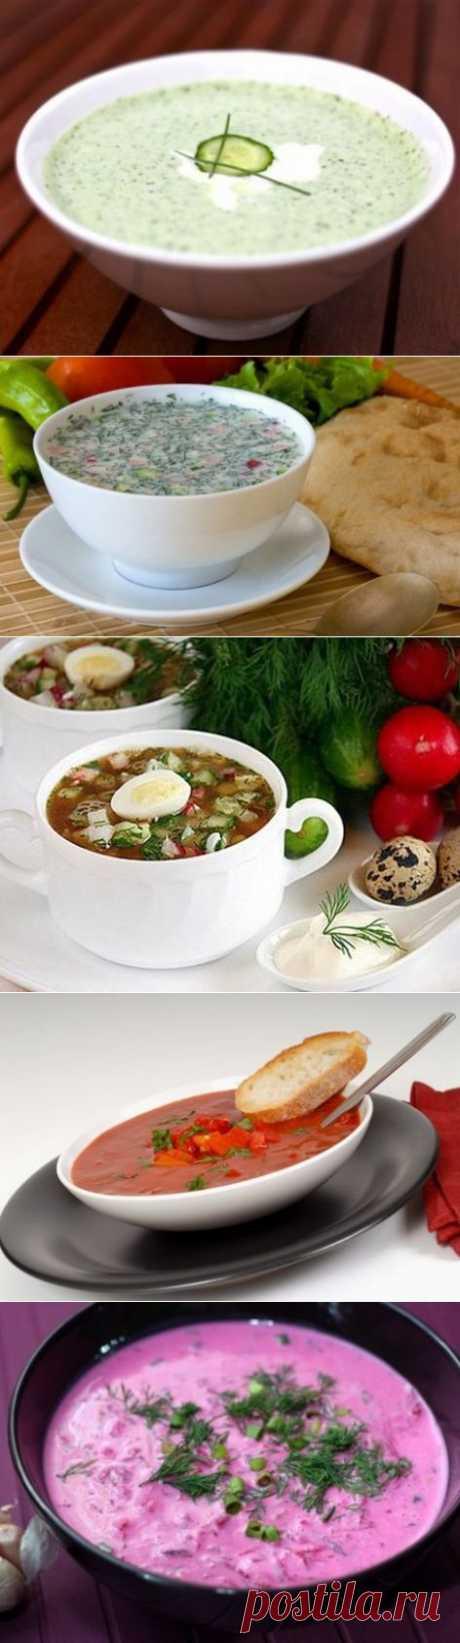 Холодные летние супы: топ 5 рецептов | Мамам, женщинам, бабушкам и очень любознательным.